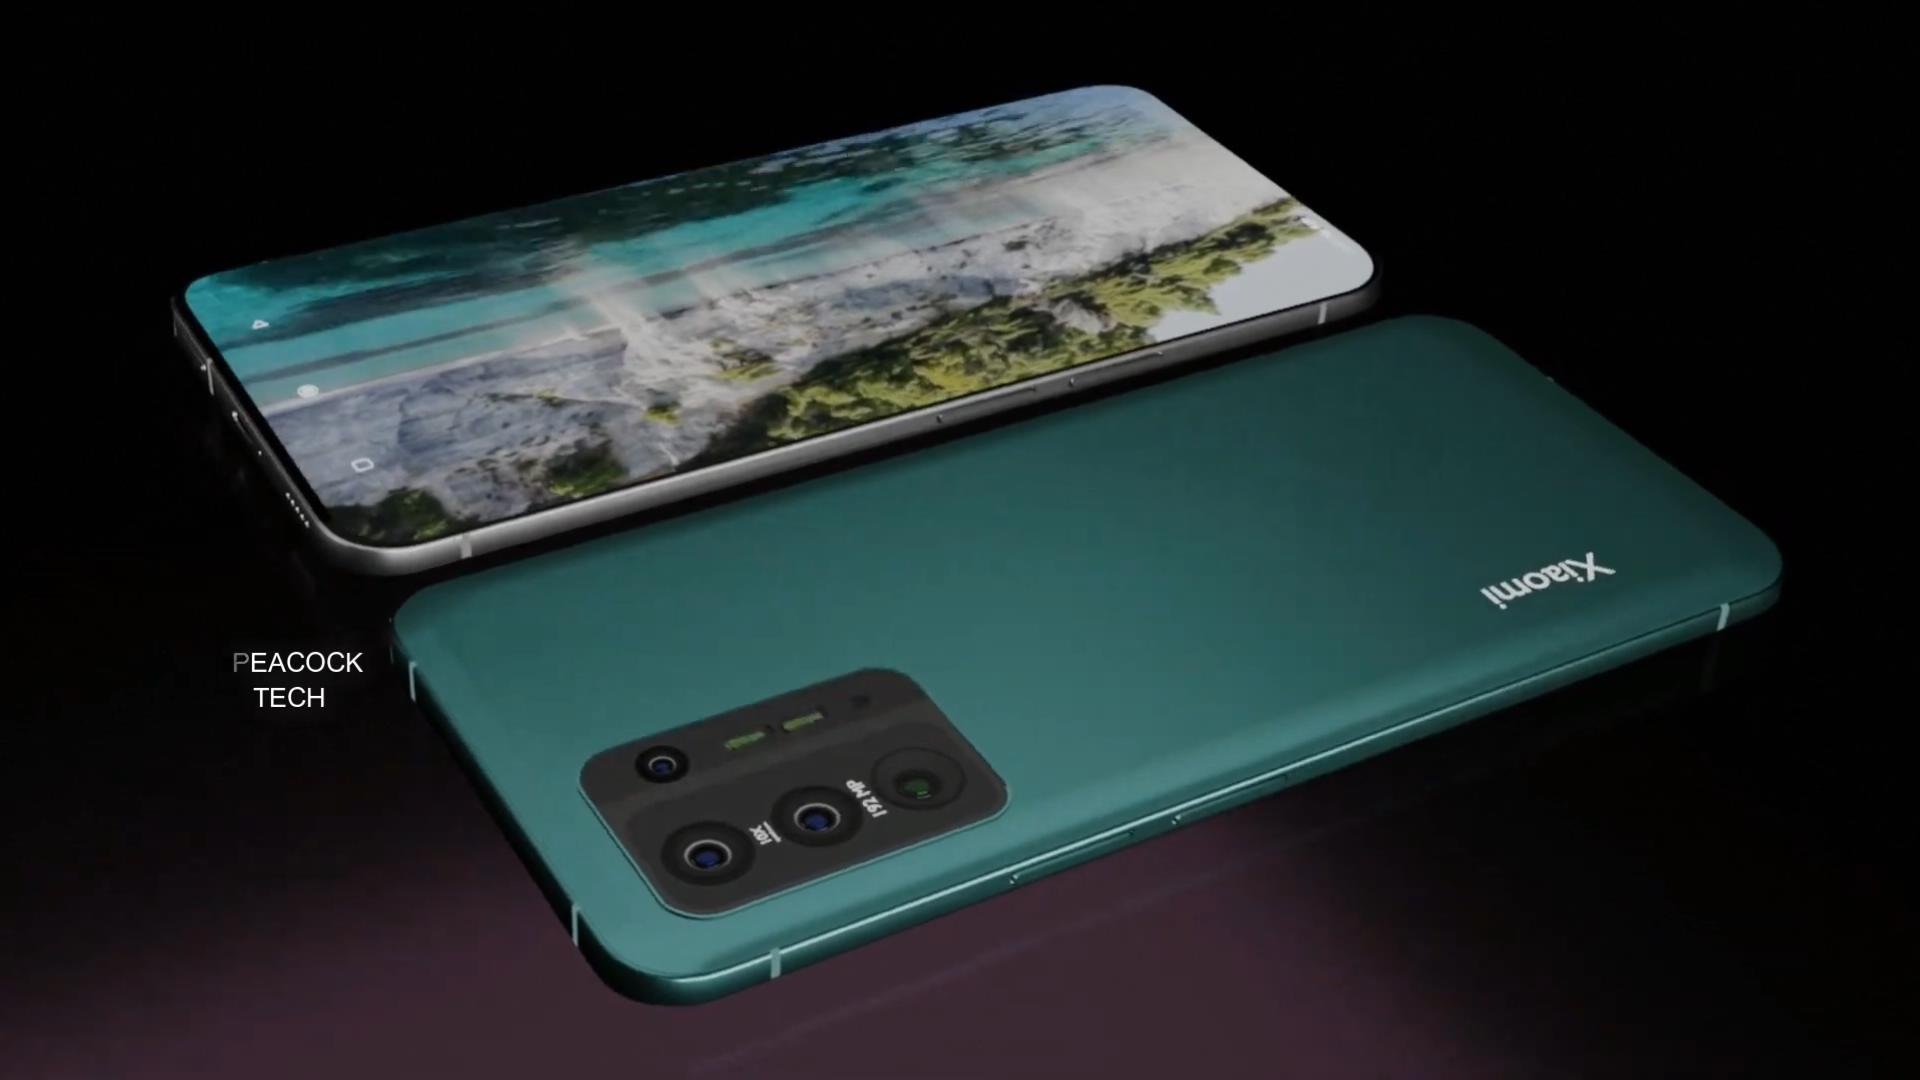 疑似小米MIX系列手机上半年搭载,雷军曾致敬这个系列 数码科技 第4张